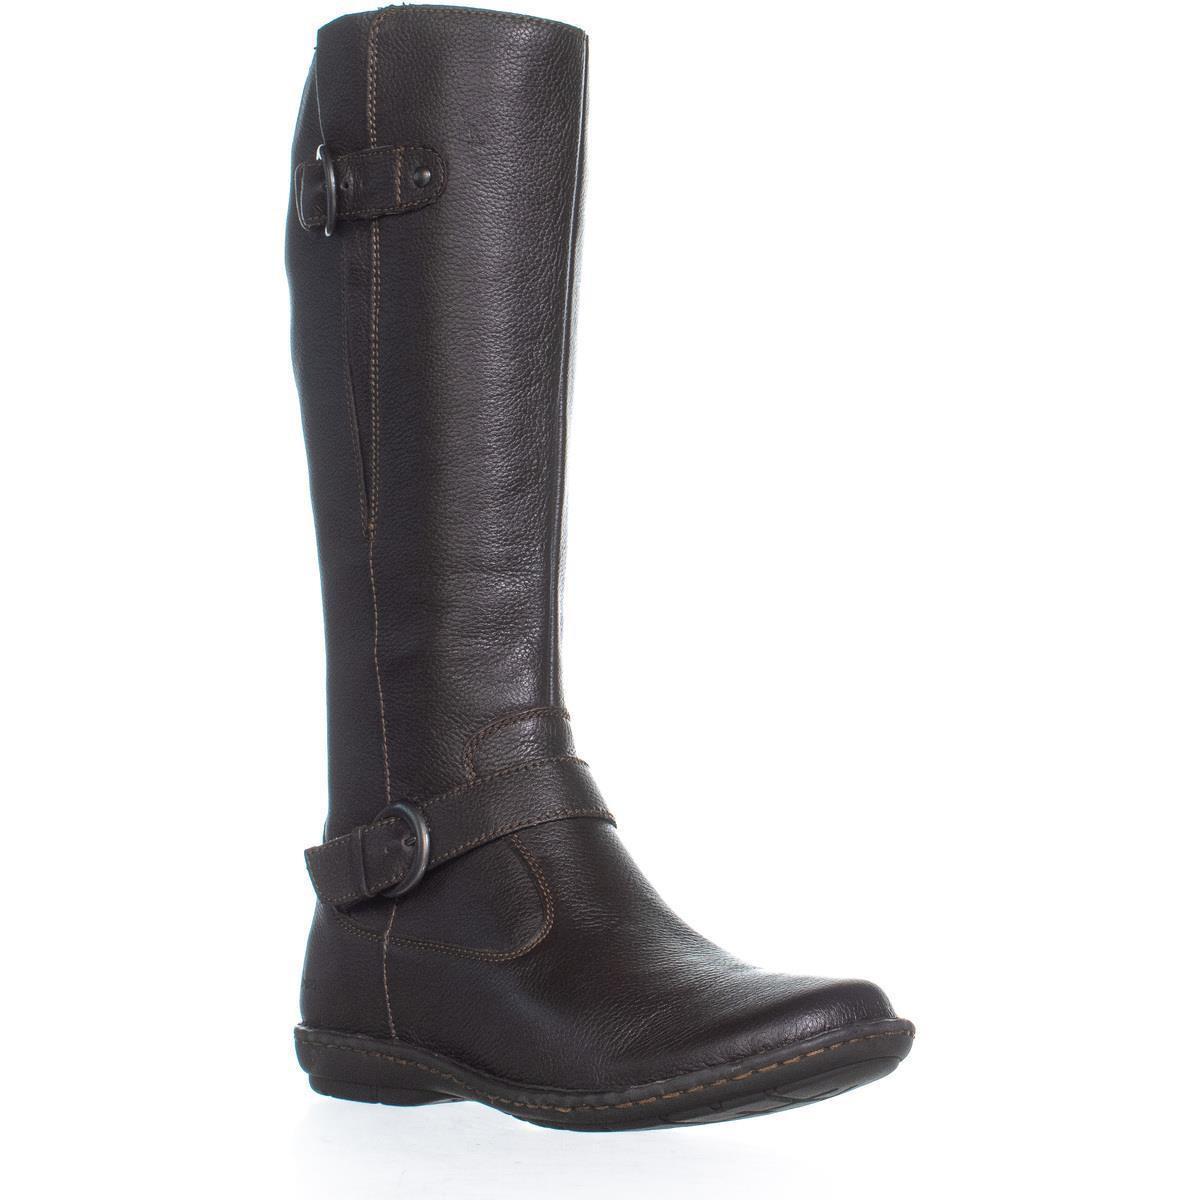 40e0d5f7293 Born Black B.o.c. Concept Faye Flat Comfort Boots